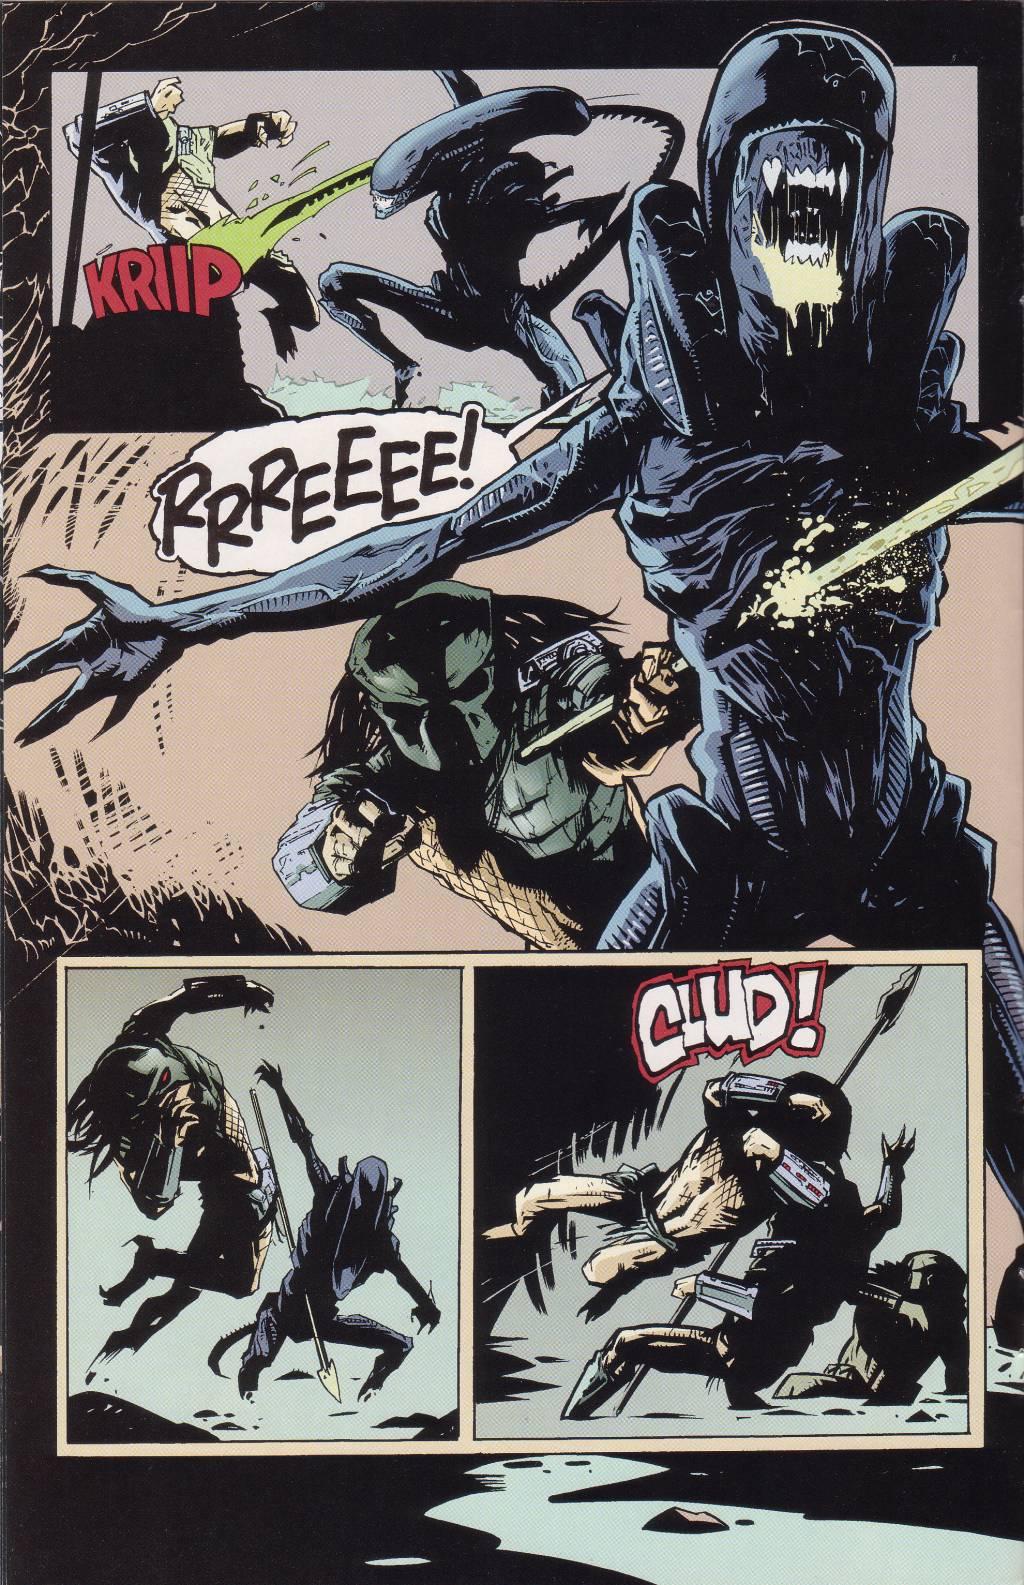 Бэтмен против Чужого?! Безумные комикс-кроссоверы сксеноморфами | Канобу - Изображение 8